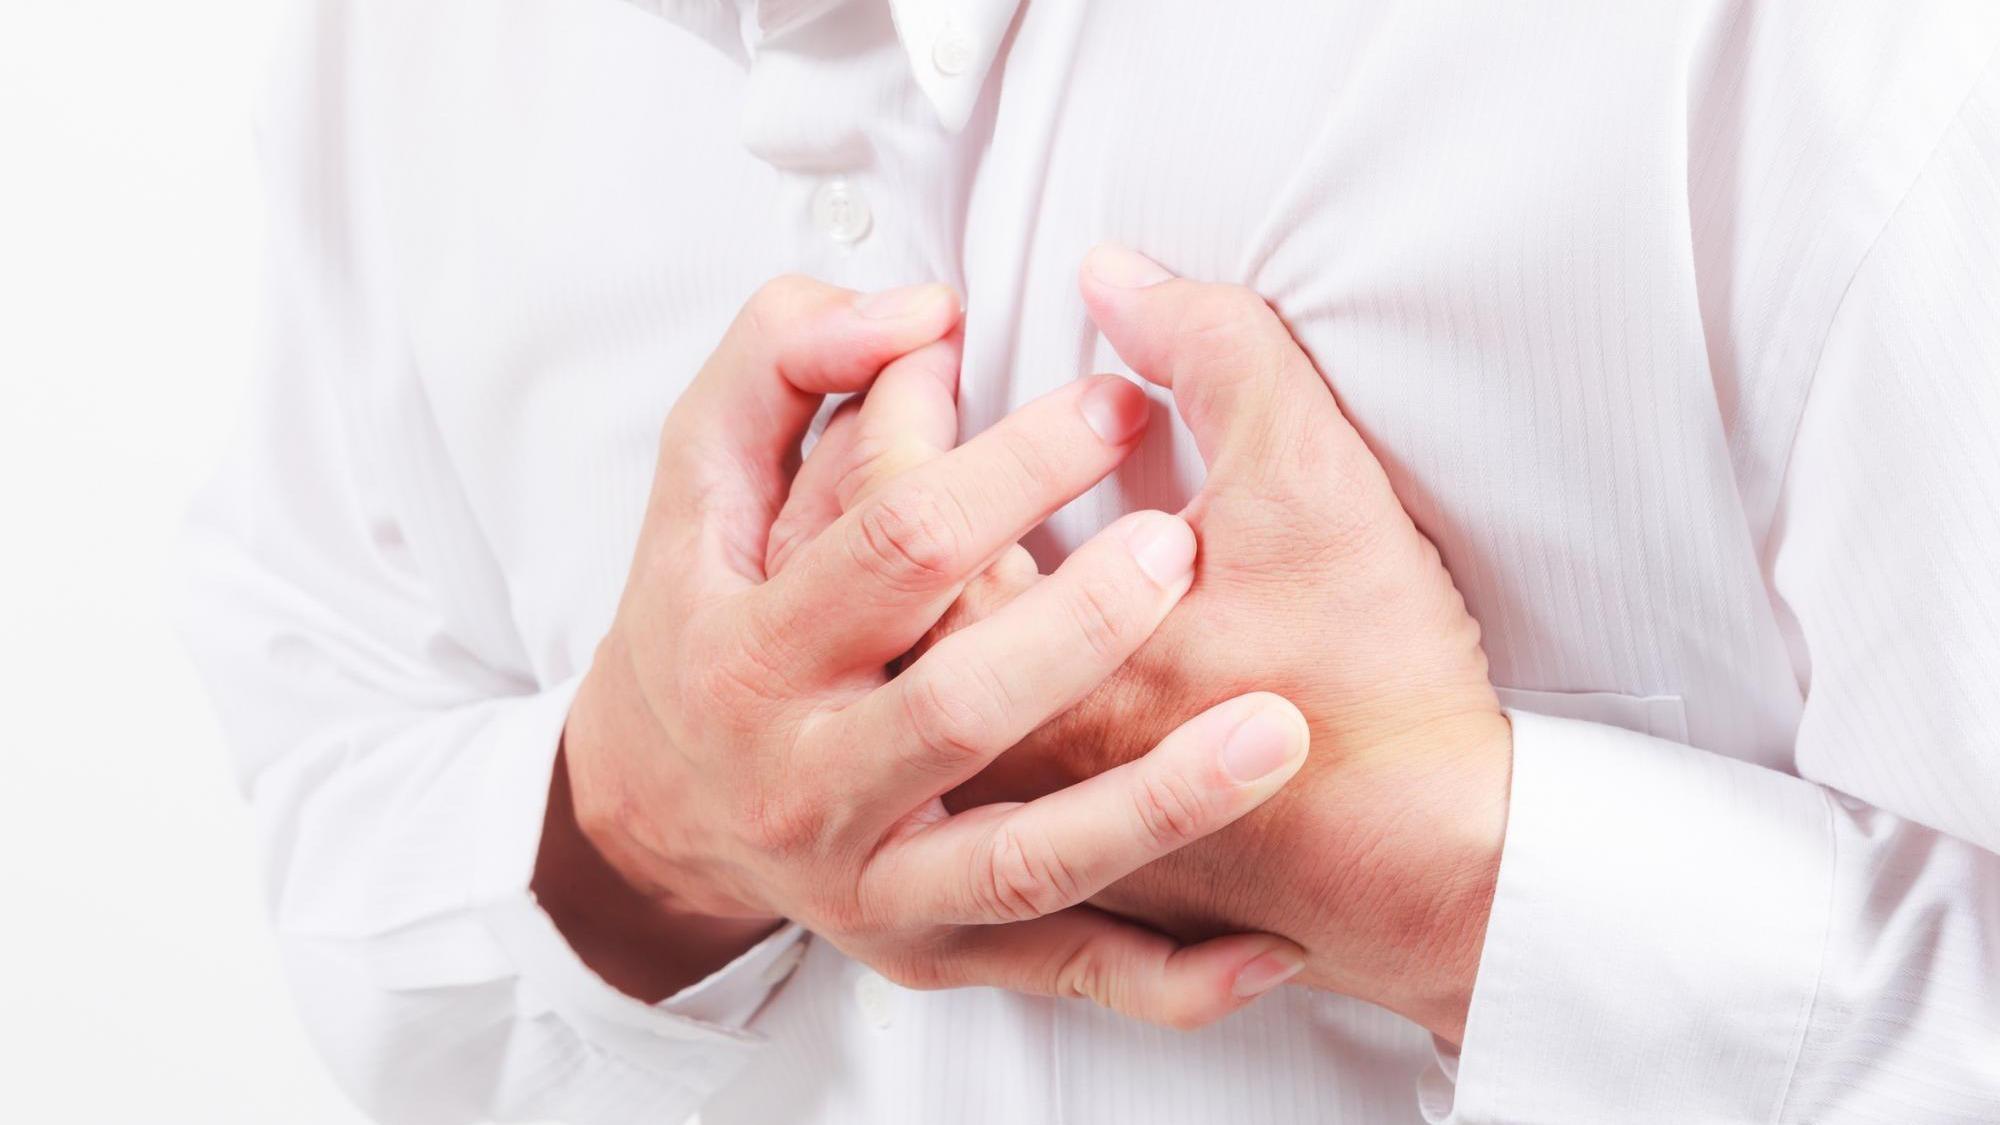 آنژین قلبی؛ زجرآورترین بیماری در قفسه سینه